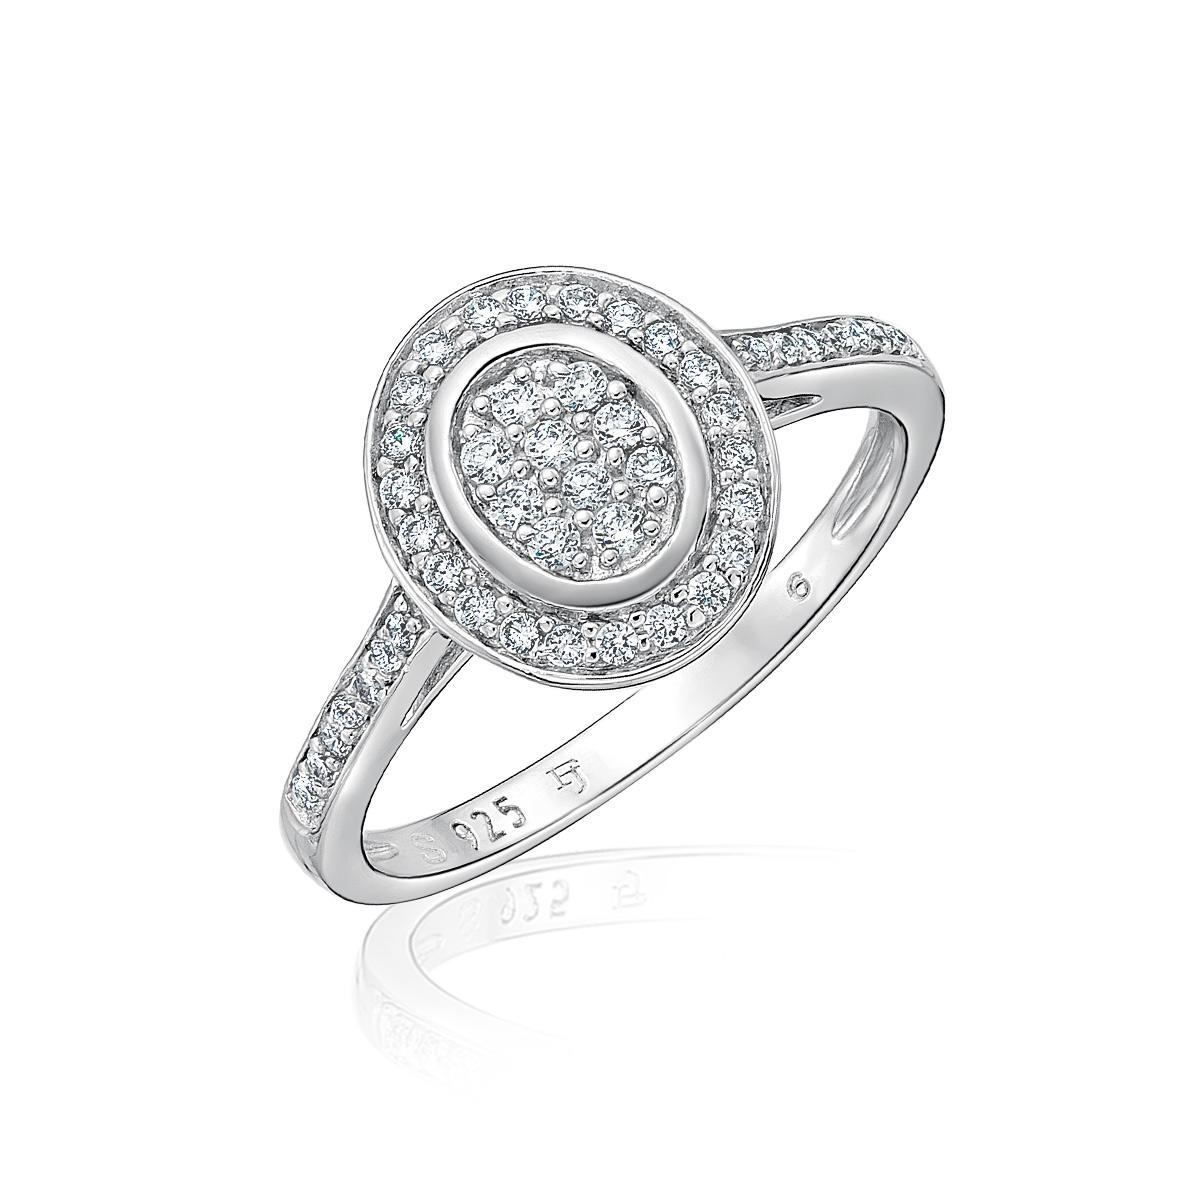 KSW205 璀璨軌跡-氣勢橢圓鑽台奢華珠寶戒指